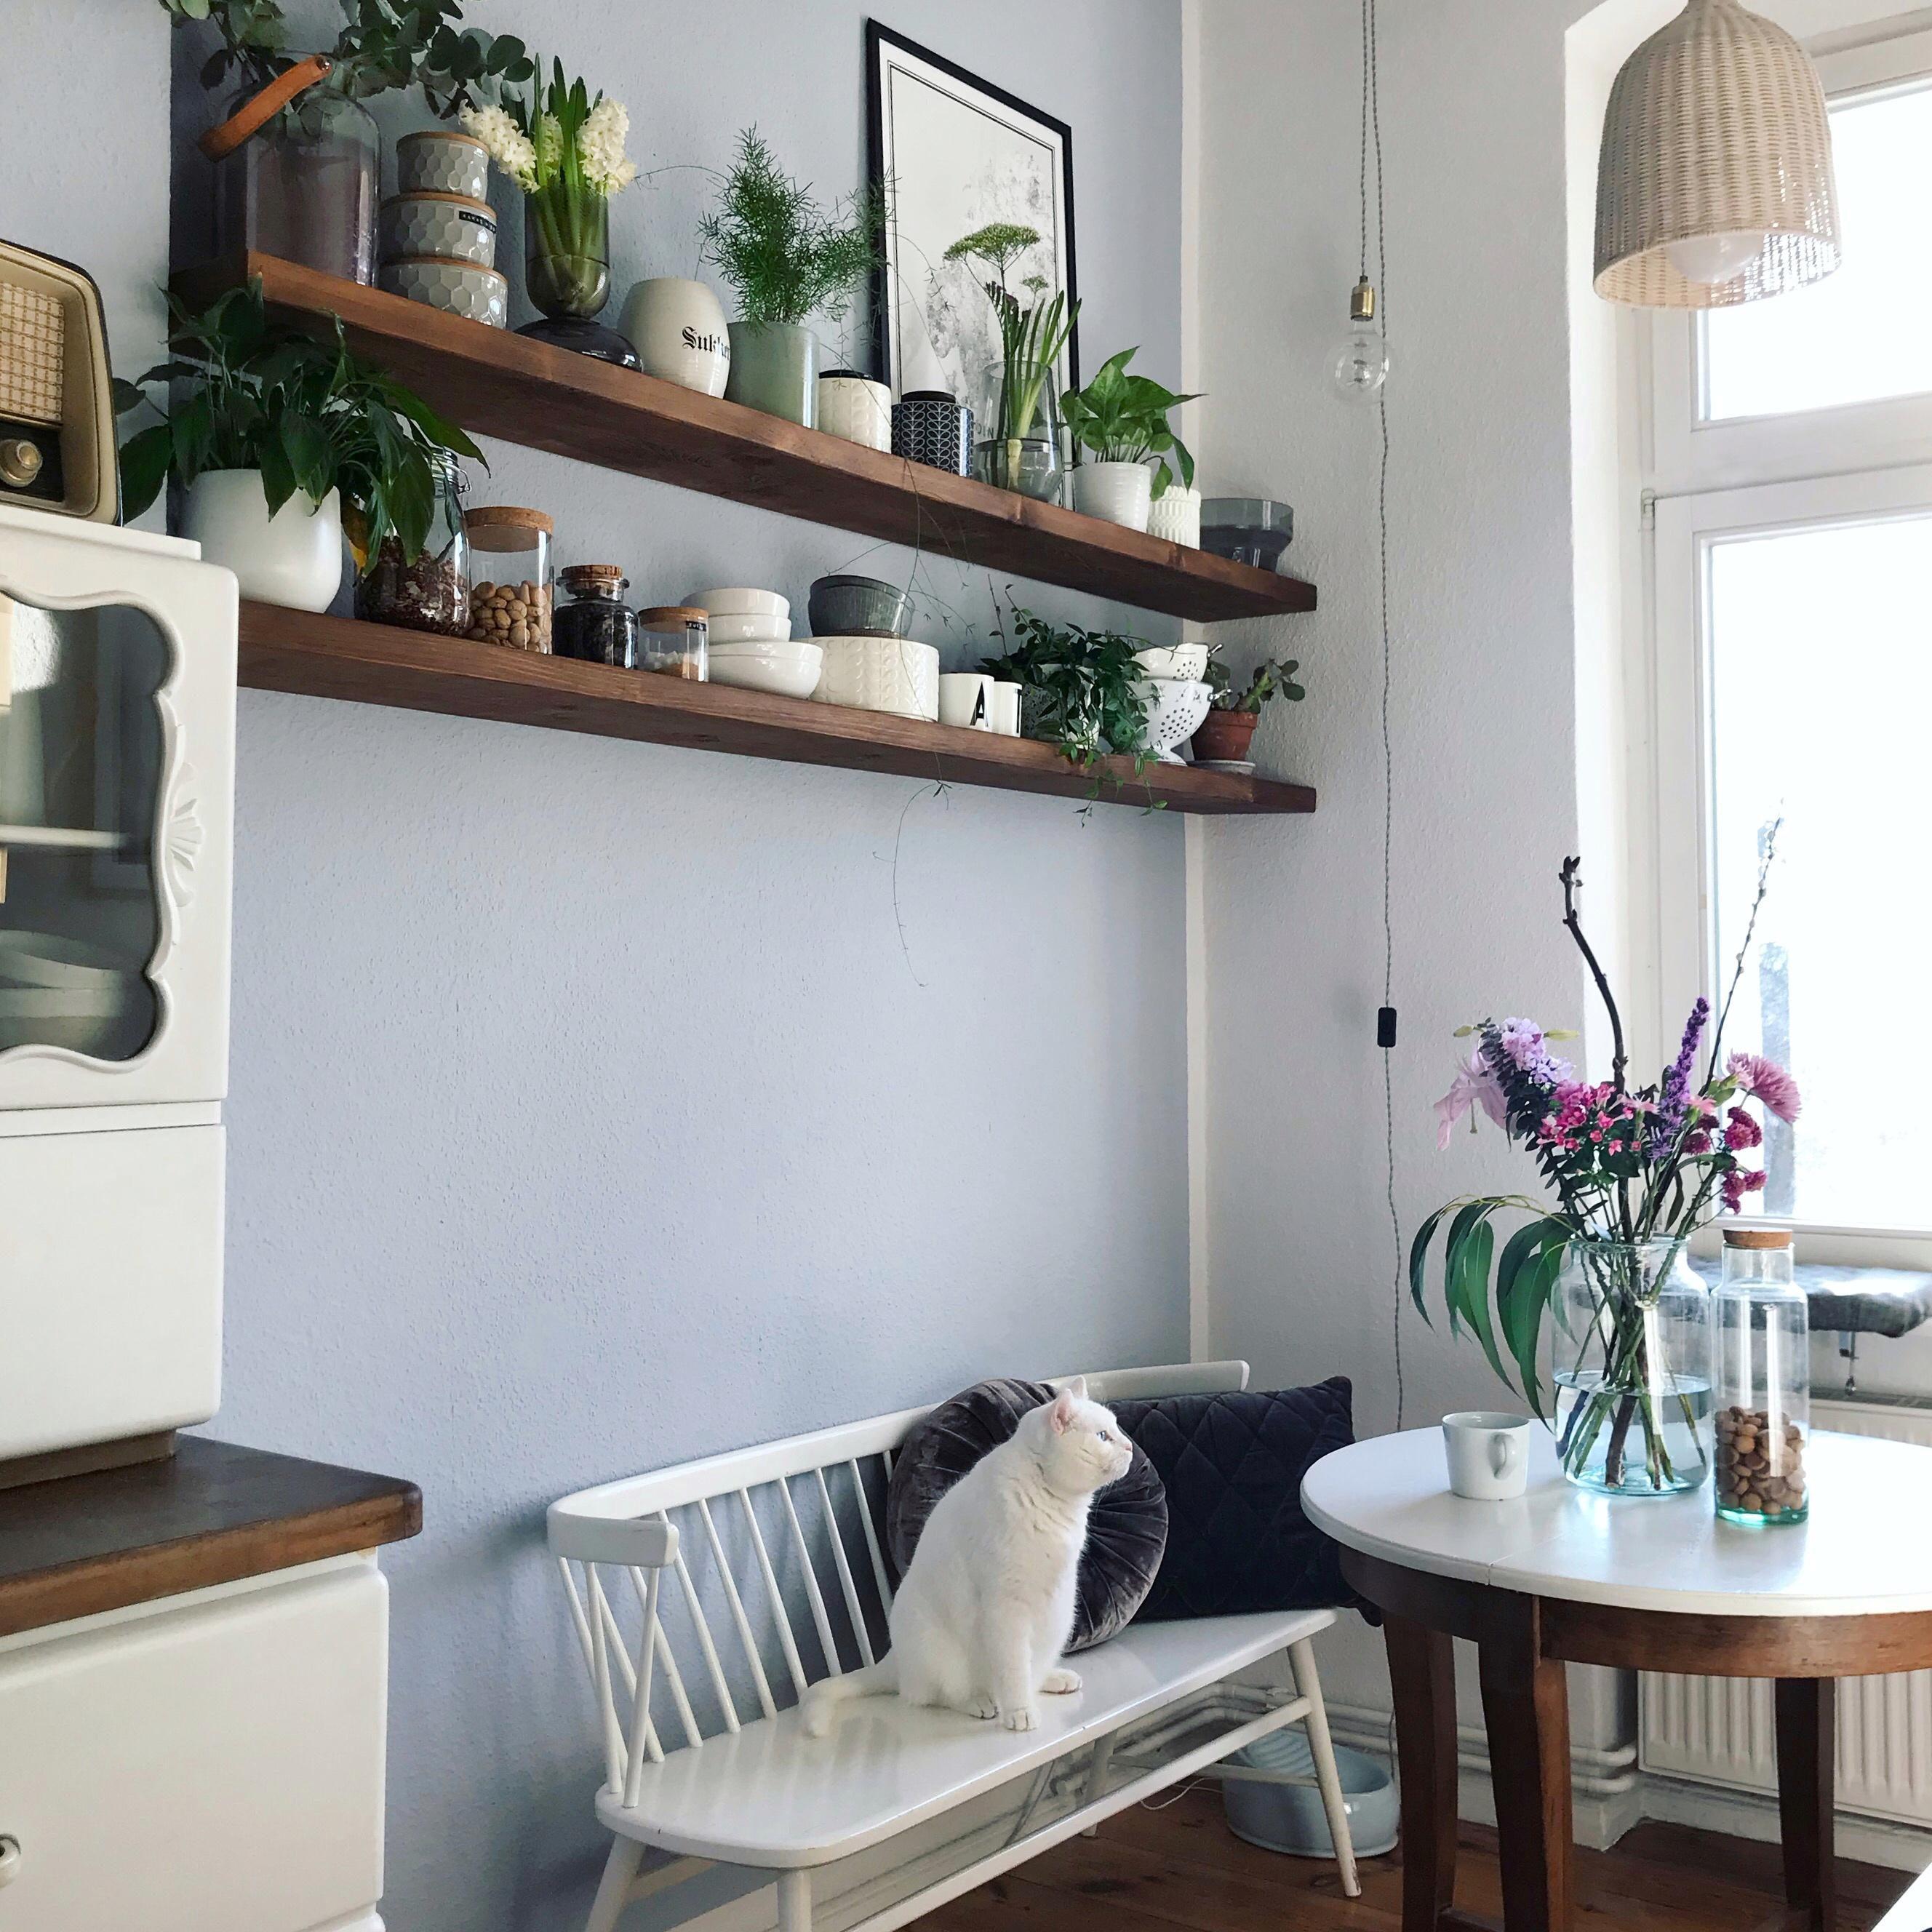 Wandregal Ideen: So schaffst du dekorativen Stauraum!